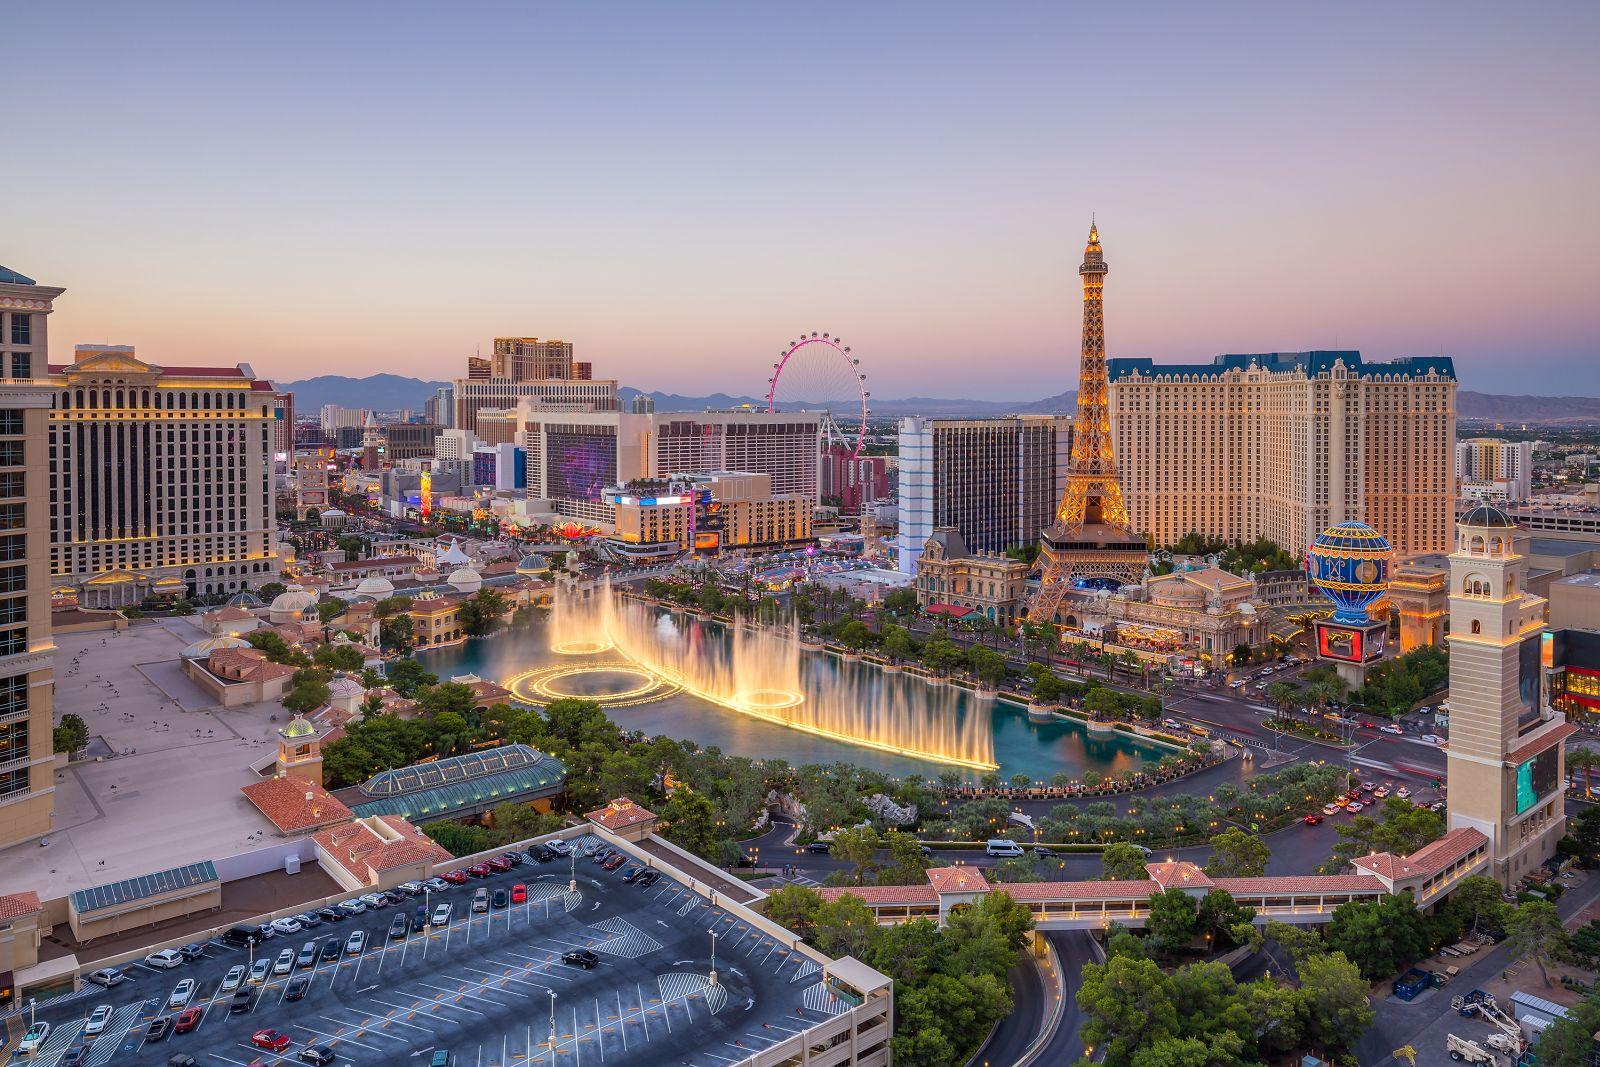 Aus der gesamten Welt reisen Casinofans und Touristen an, um Las Vegas und seine Casinos kennenzulernen. Dennoch sind Casinos in den meisten Bundesstaaten illegal oder nur unter Beschränkungen zugelassen.